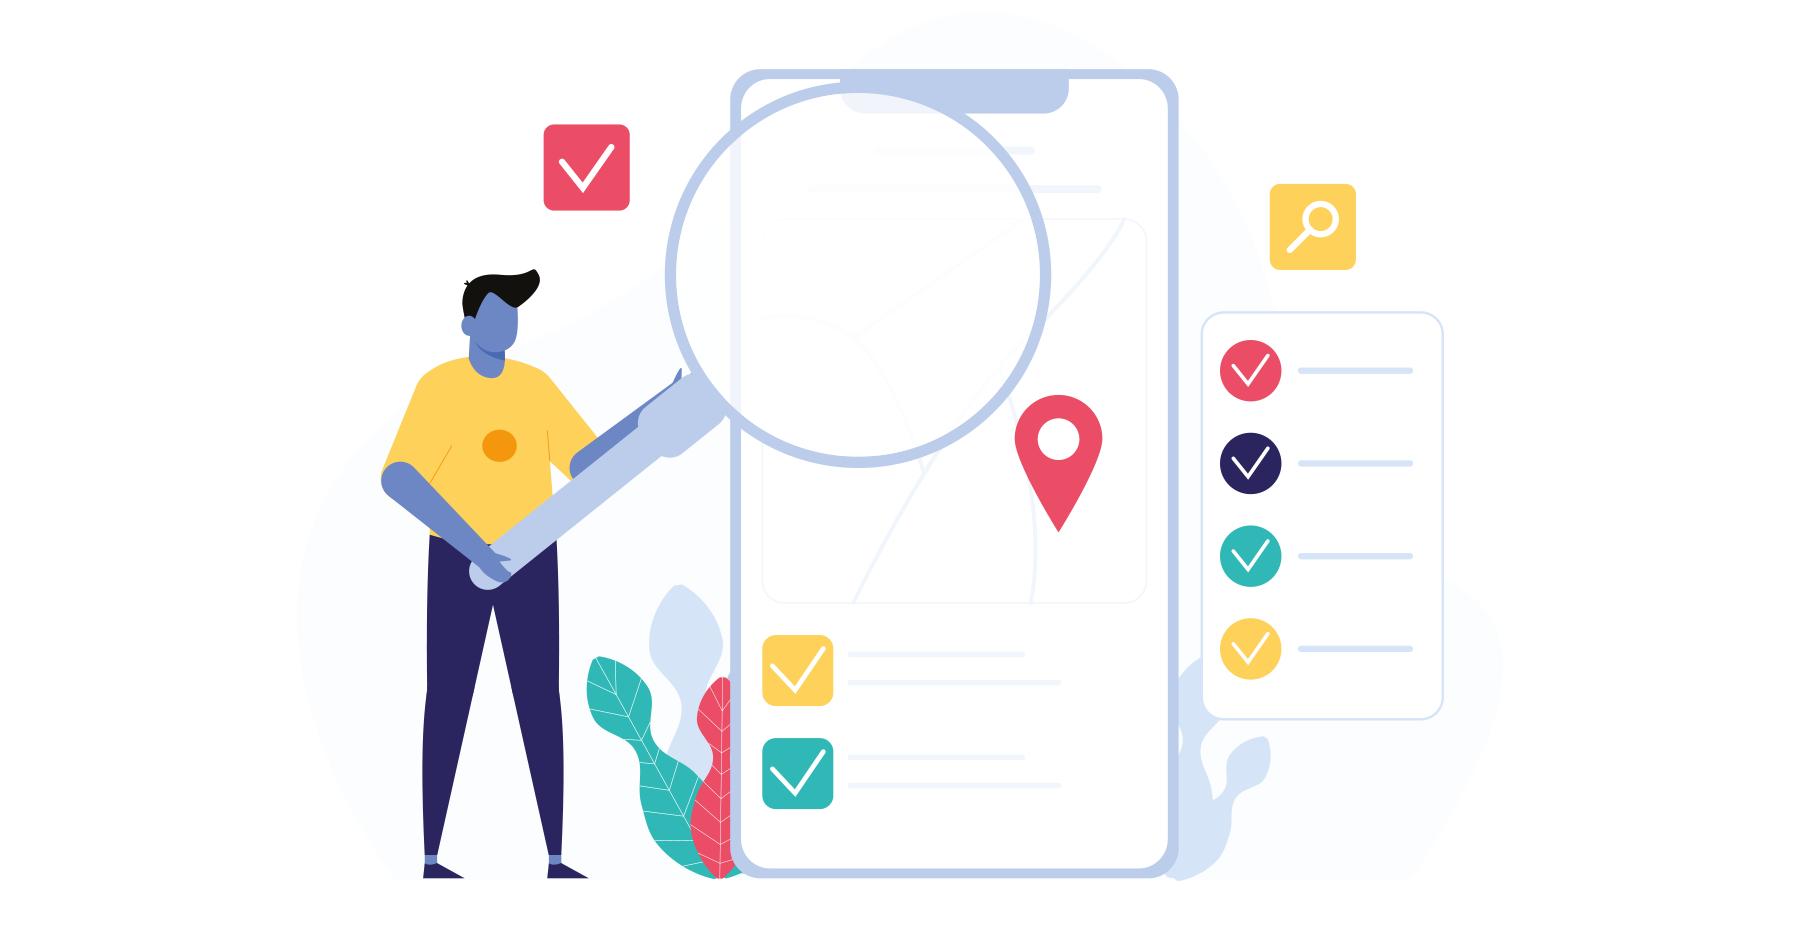 ¿Cómo aparecer en Google Maps?